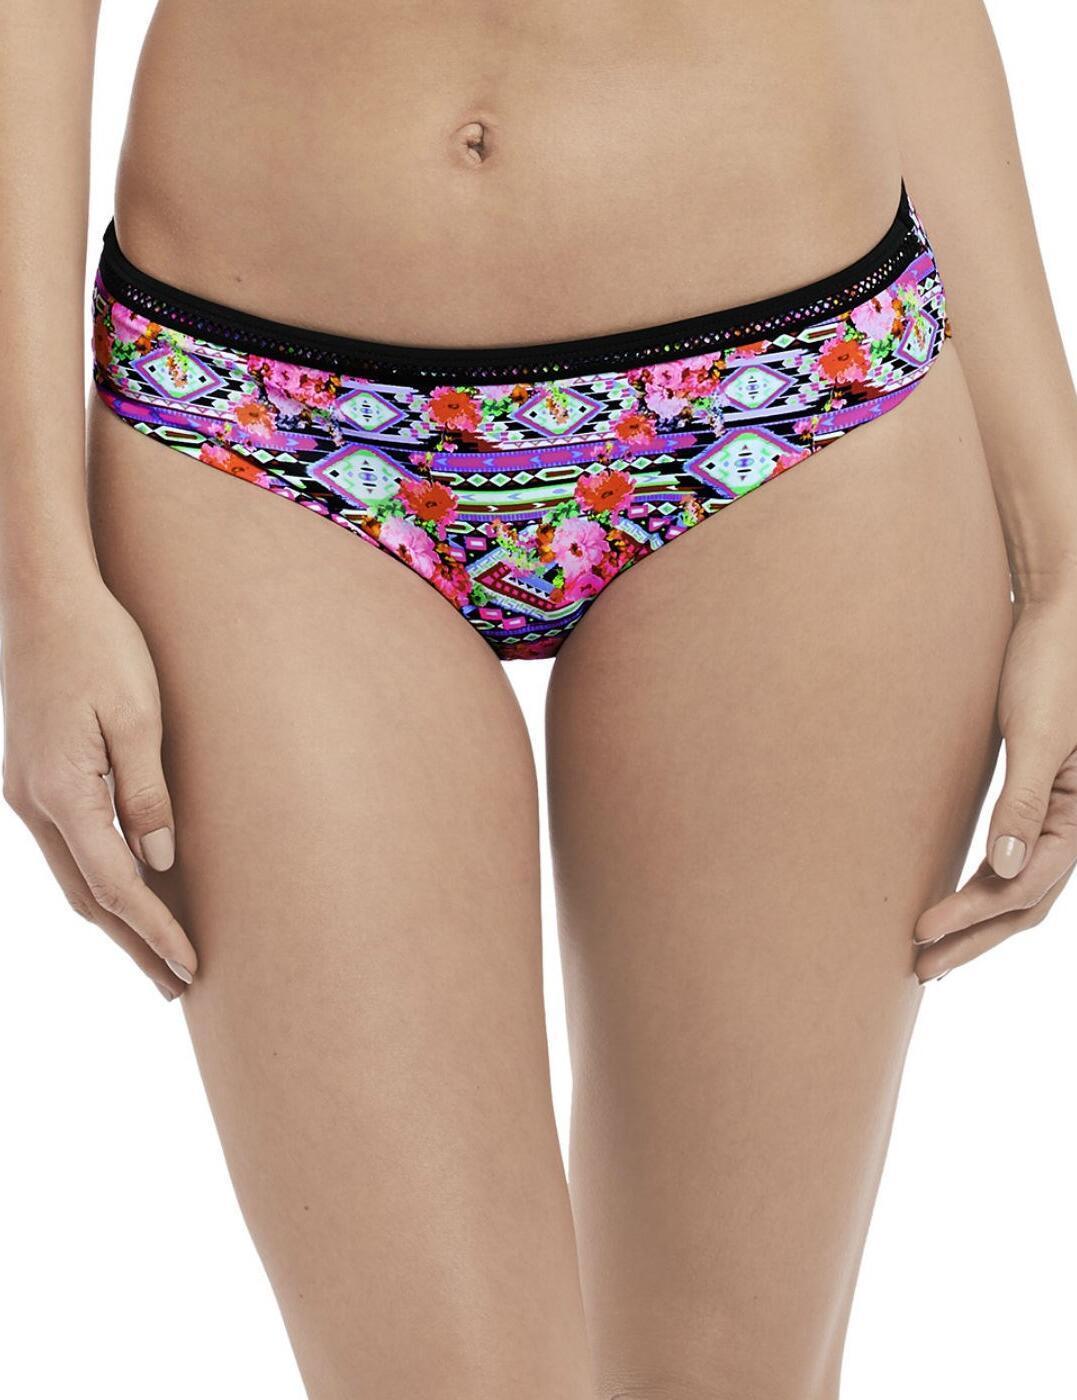 4613 Freya Texas Rose Bikini Brief Rebel Pink - 4613 Bikini Brief